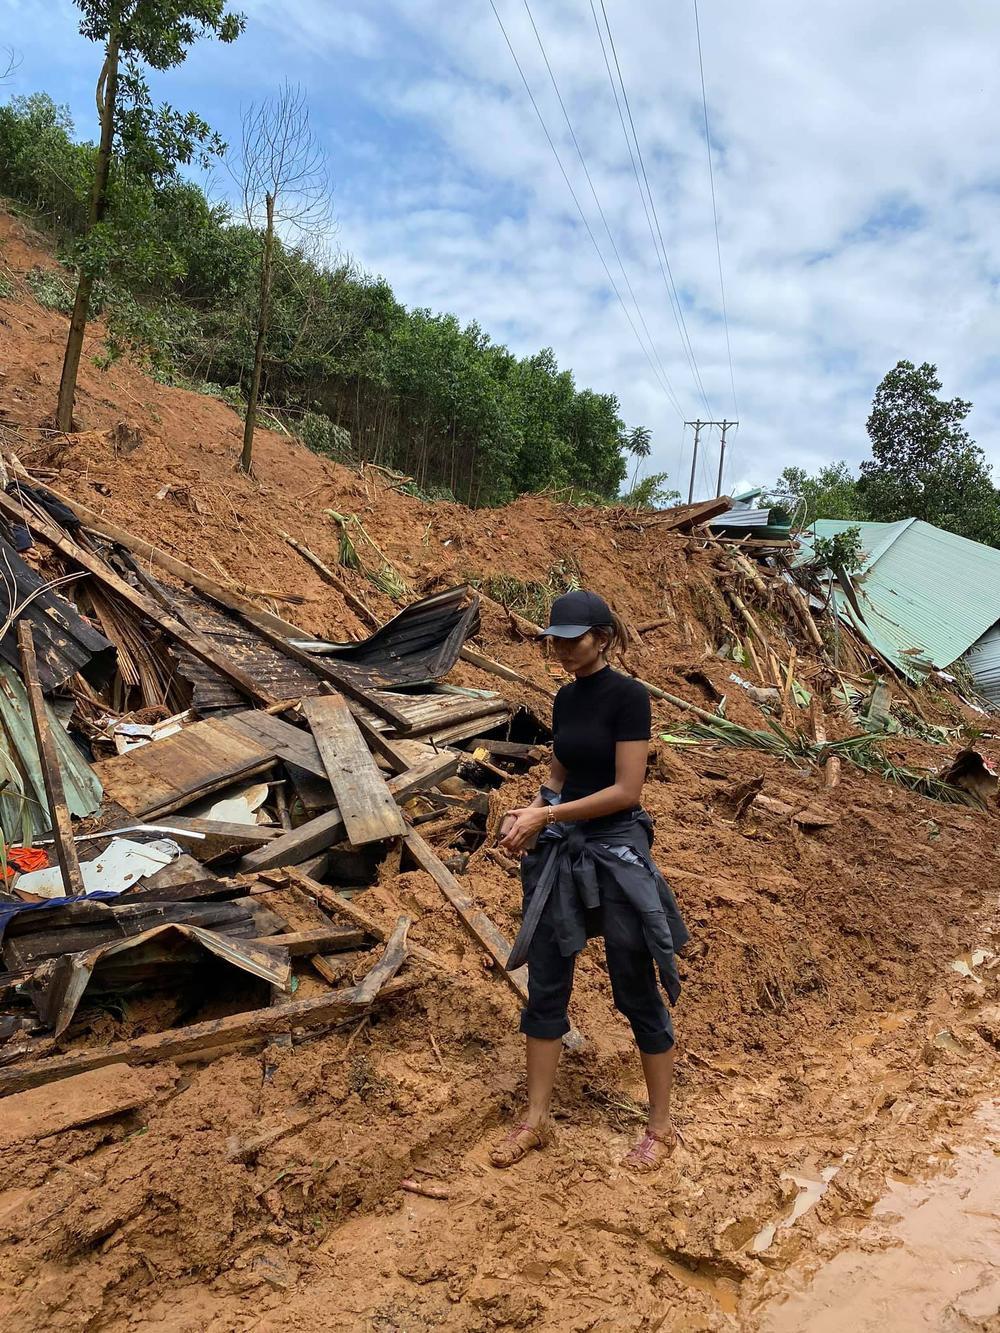 H'Hen Niê lội bùn, xúc động mạnh khi đến thăm người dân chịu ảnh hưởng sạt lở đất tại Quảng Nam Ảnh 2